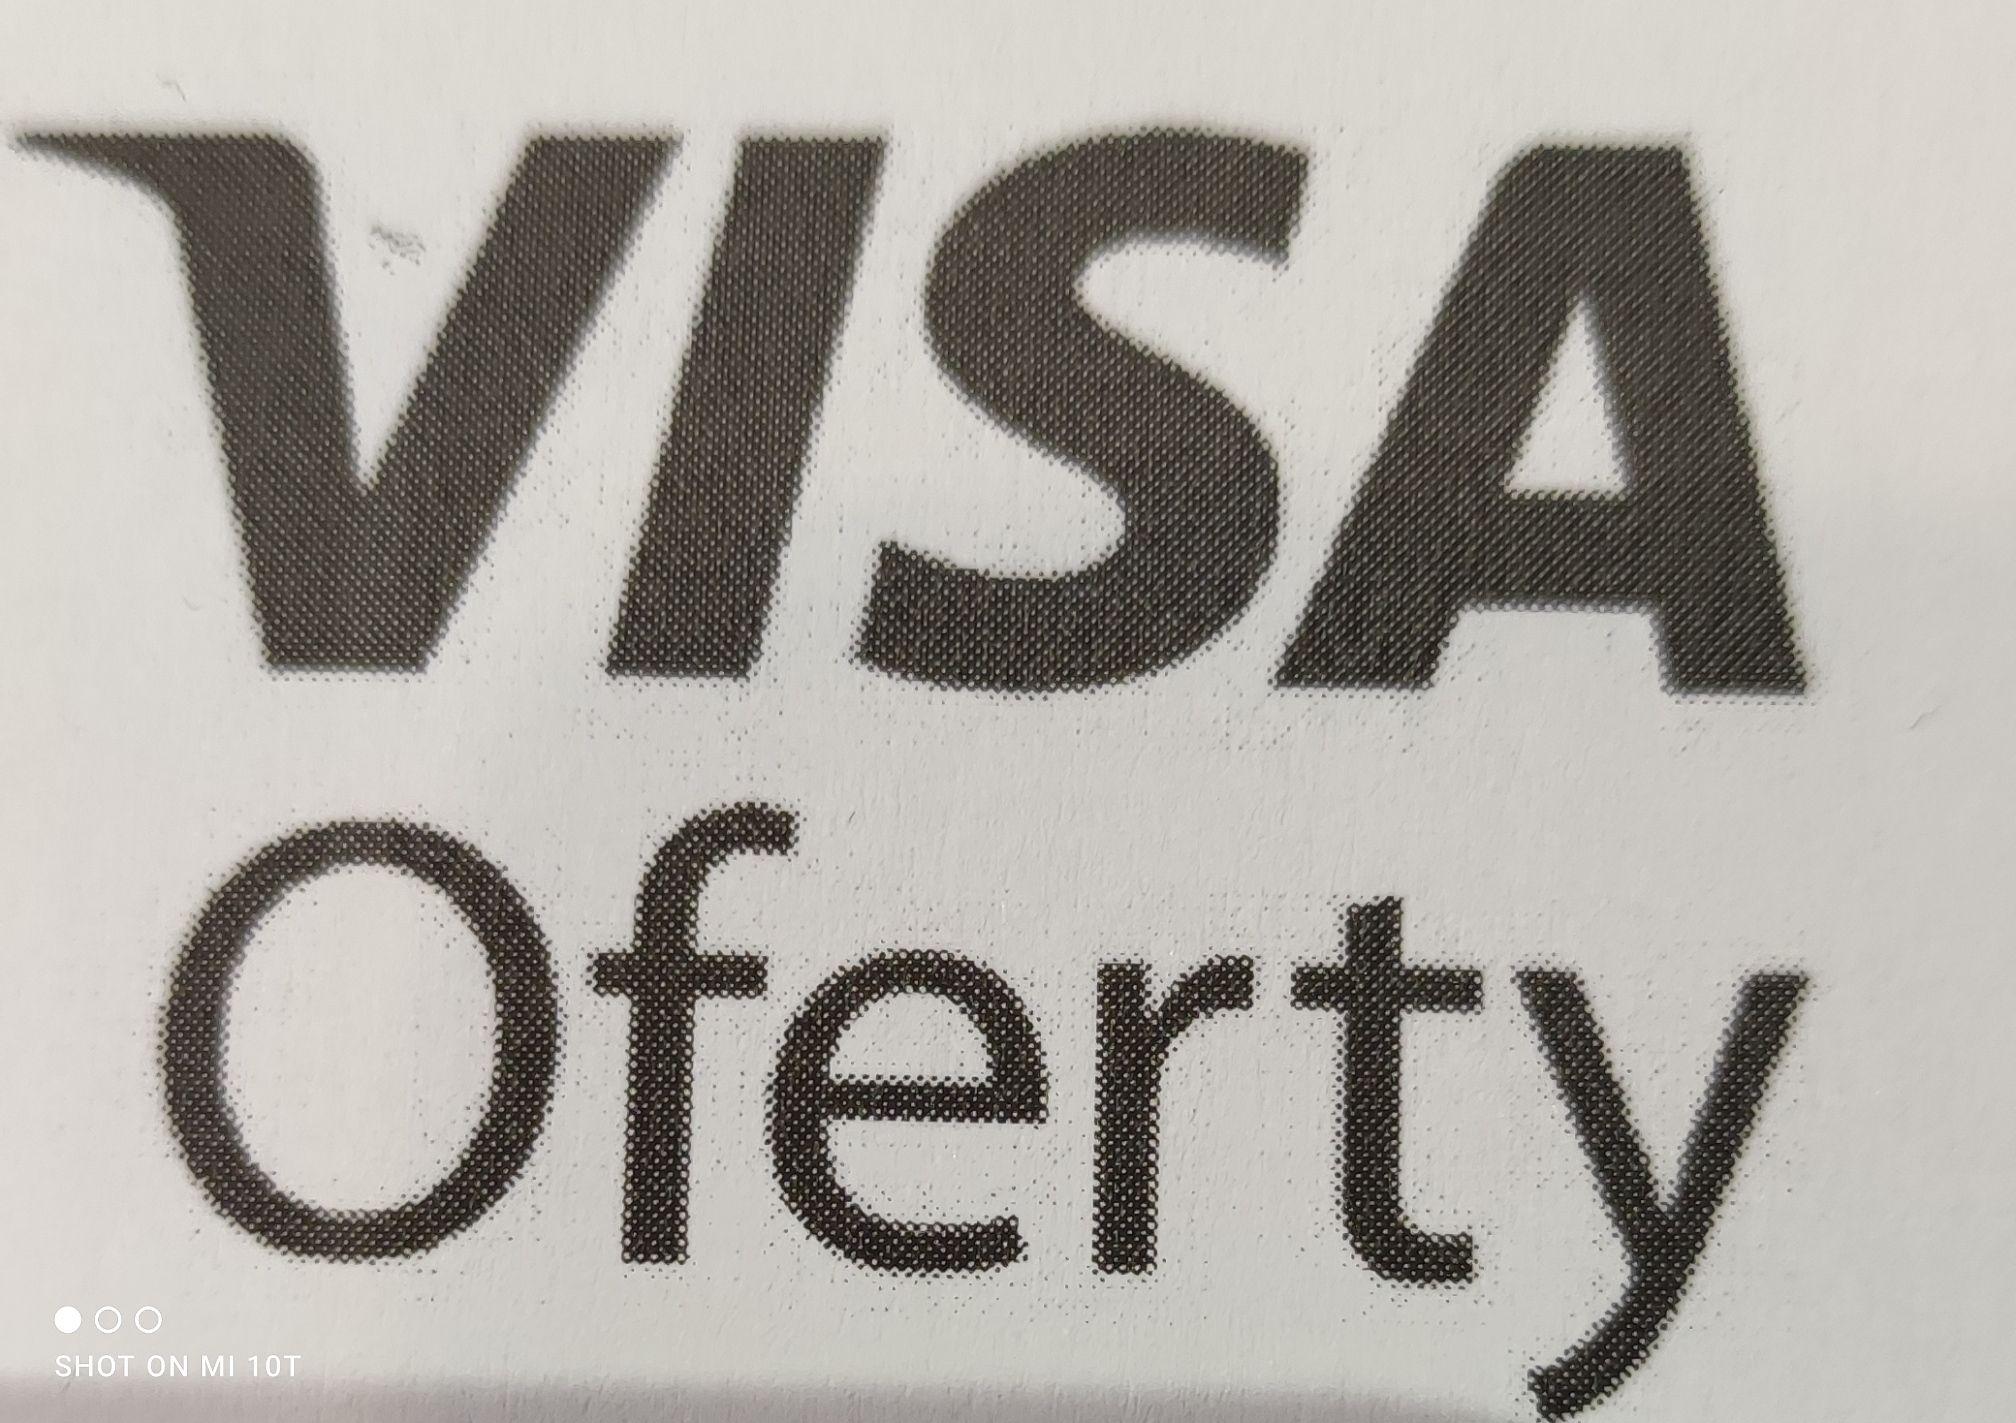 Visa oferty - Rabat na CircleK 5zł